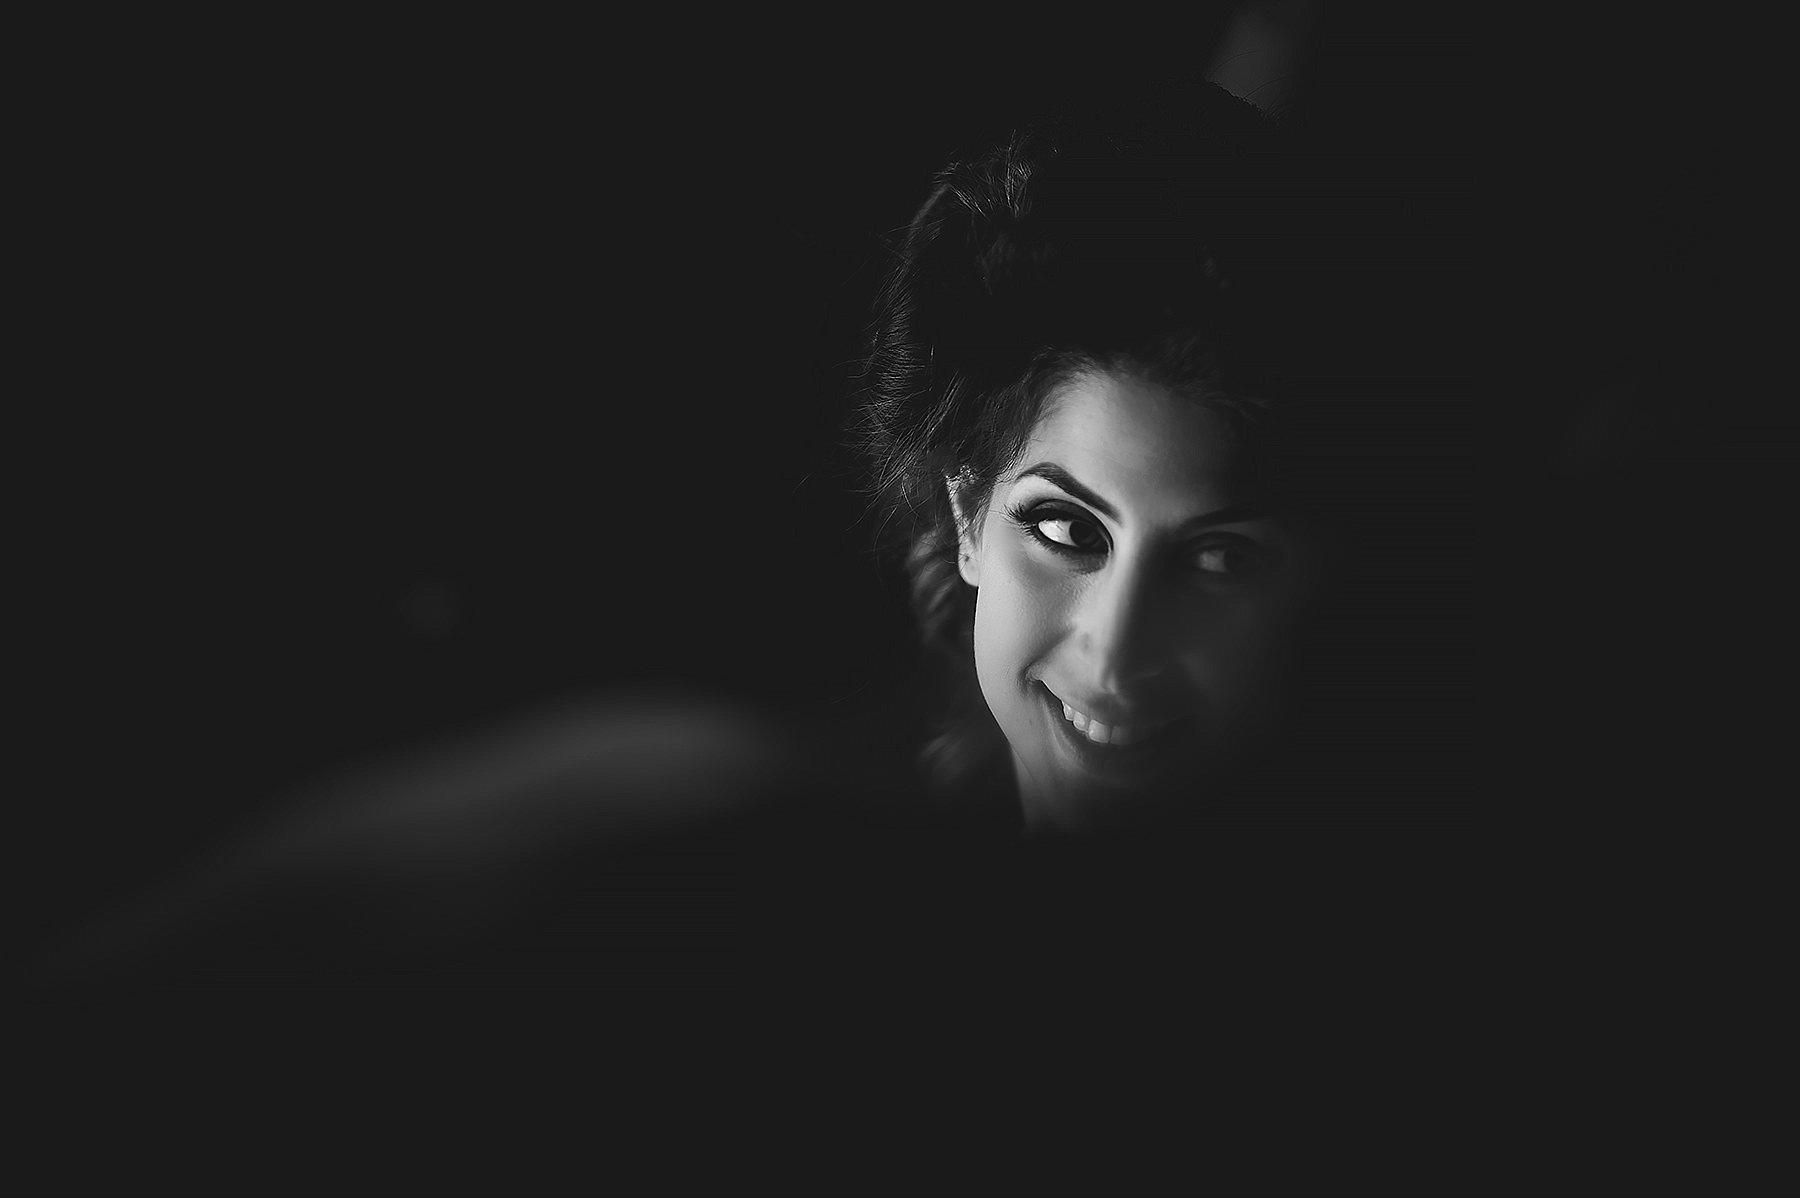 ritratto in bianco e nero di una bellissima sposa